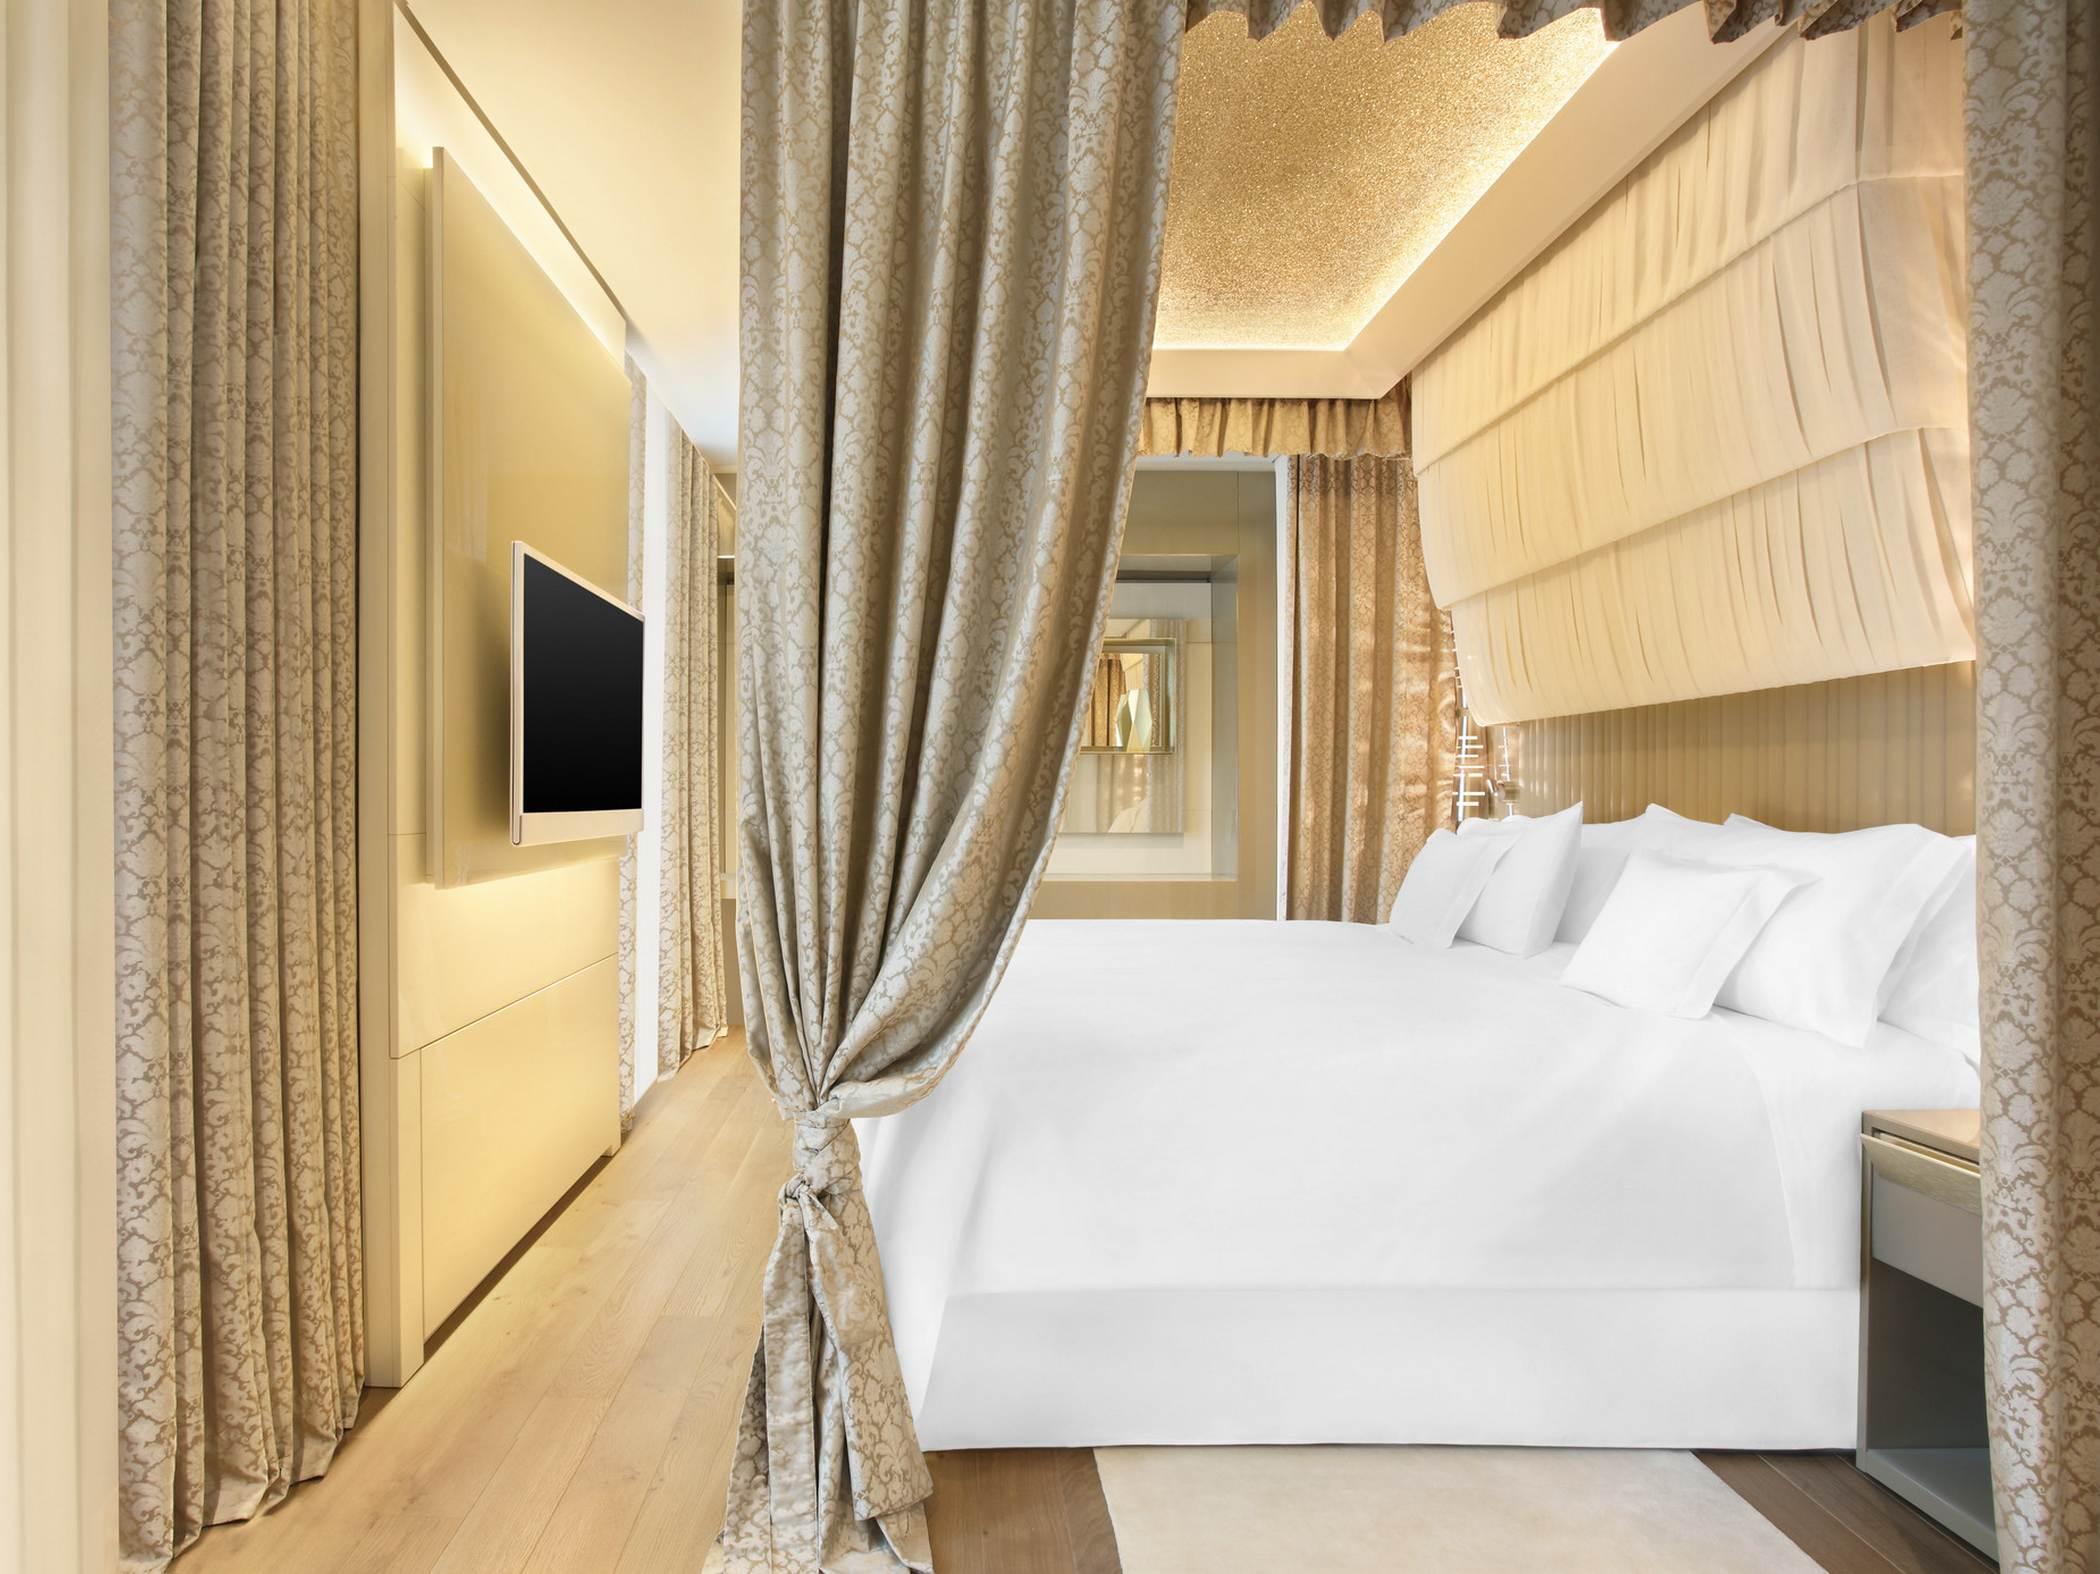 excelsior-hotel-gallia-gallia-suite-bed-room